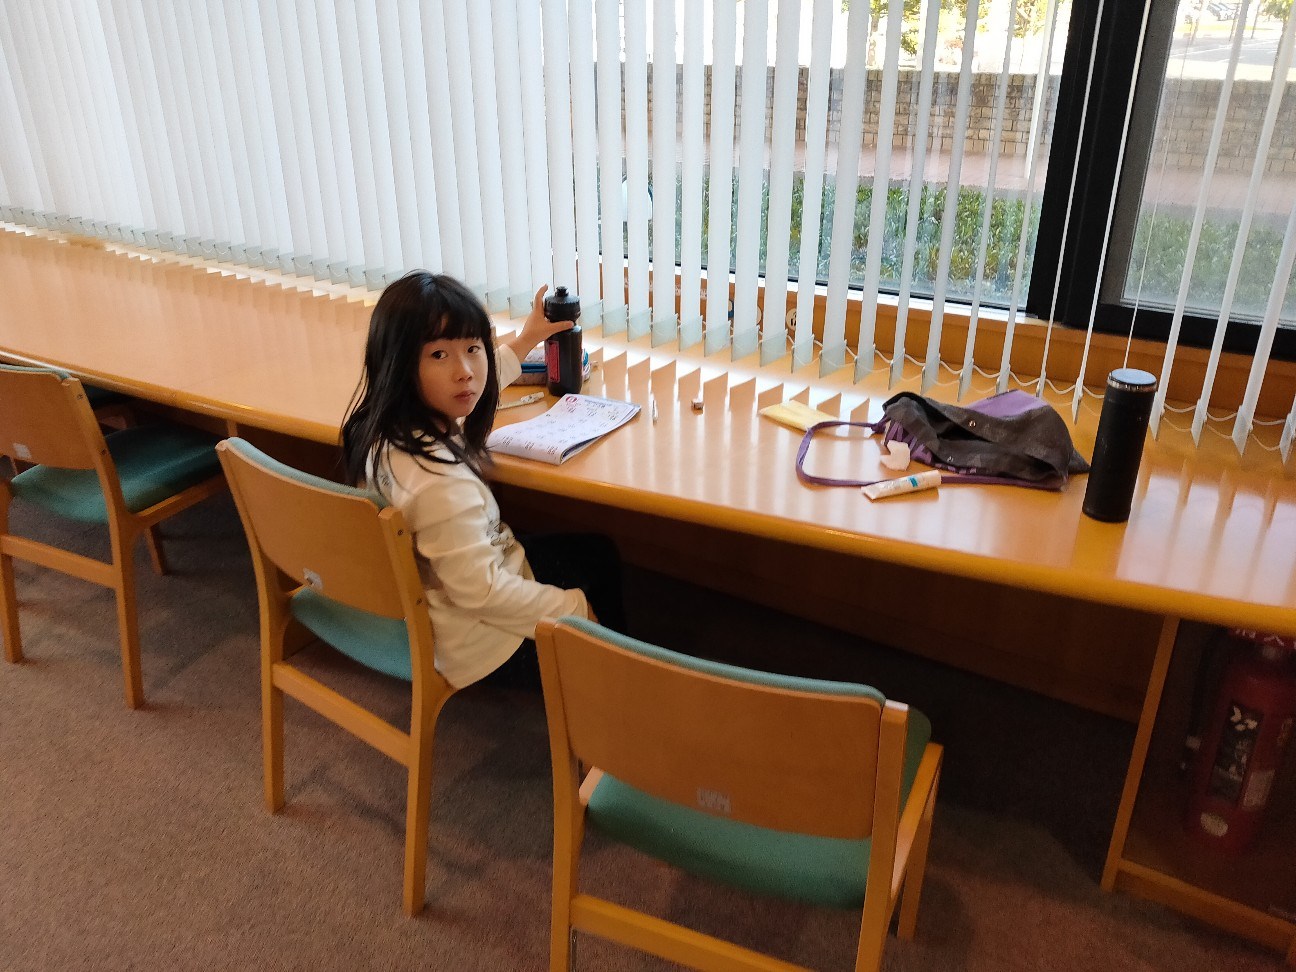 f:id:shingo_shiraishi:20200105203703j:image